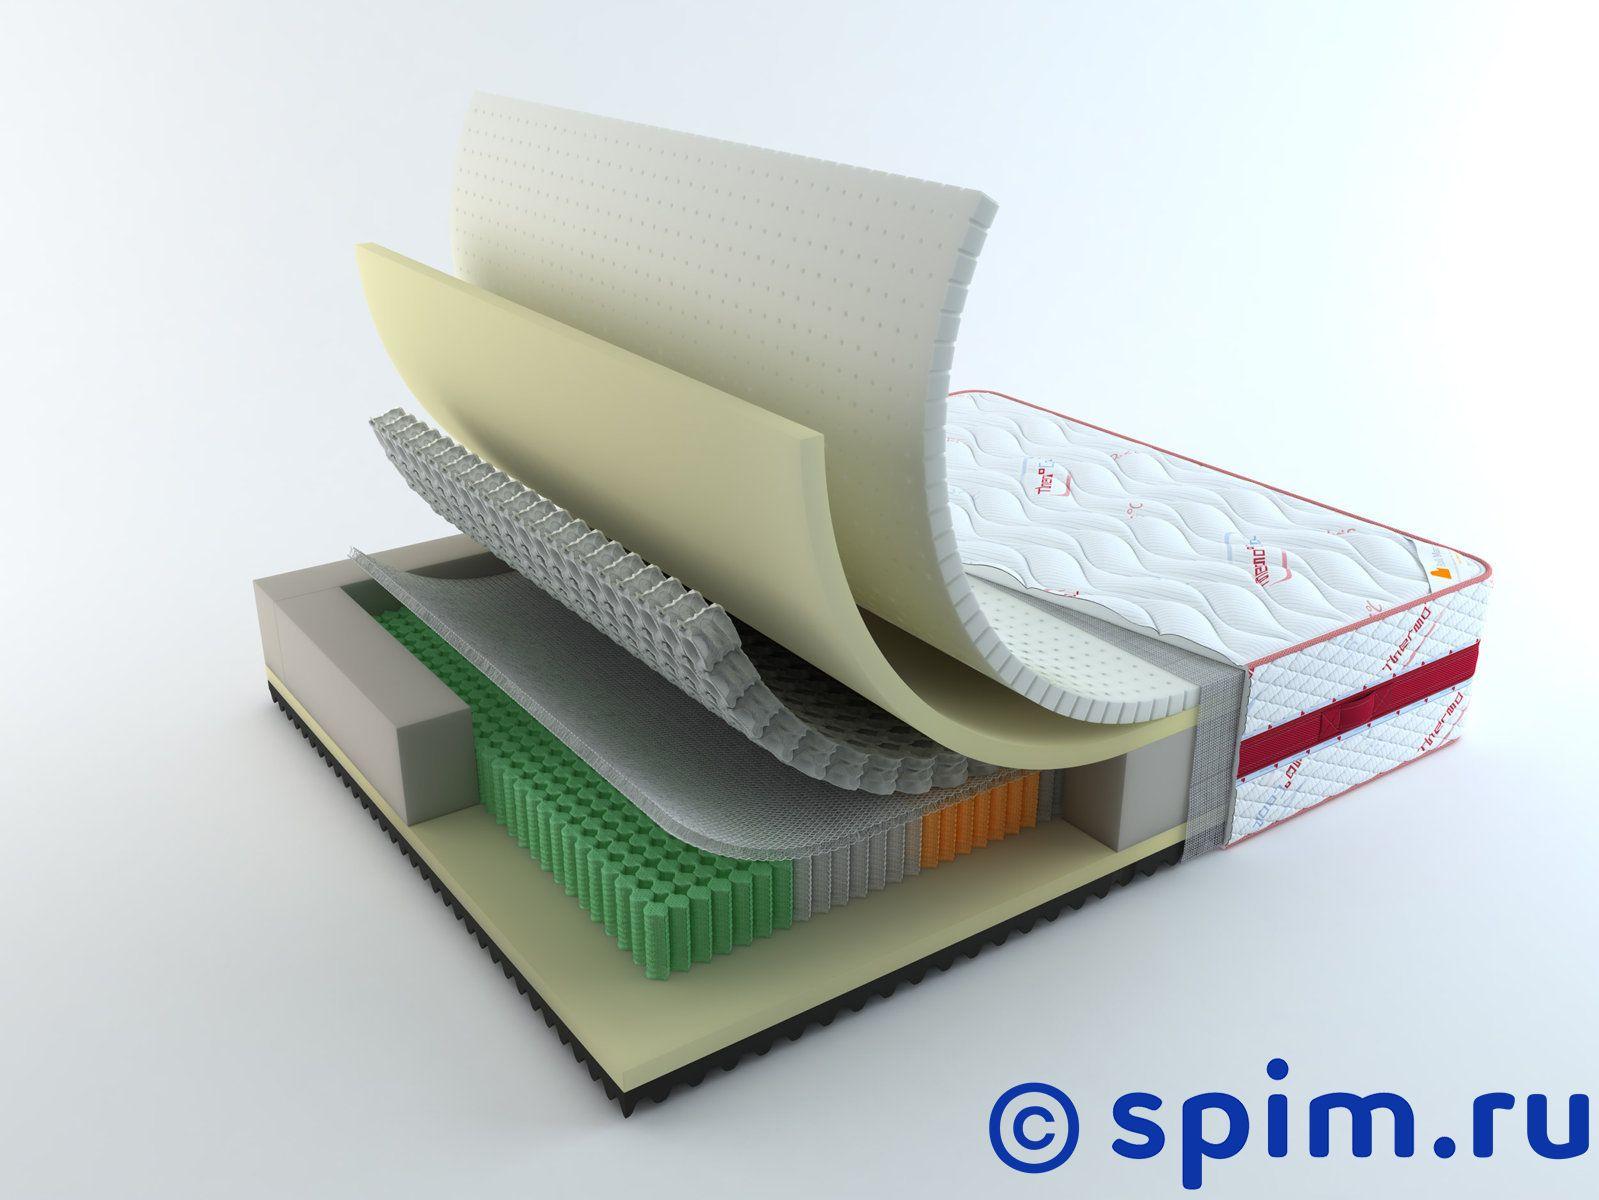 Матрас Rollmatratze Golden Dream 120х190 смПружинные матрасы Rollmatratze Feder<br>Разносторонний матрас на двойном блоке независимых пружин (256 + 500, 7 зон шт/м2): упруго-мягкий со стороны натурального латекса и пены VitaFoam, вязко-эластичный со стороны пены VitaFoam и Memory Schaum. Чехол на выбор: бамбук блиц, сильвец блиц, лен блиц, термокул блиц. Высота: 36 см. Нагрузка: 150 кг. Размер Роллматрас Голден Дрим 1,5-спальный: 120 x 190 см<br><br>Ширина см: 120<br>Длина см: 190<br>Линейка: Feder